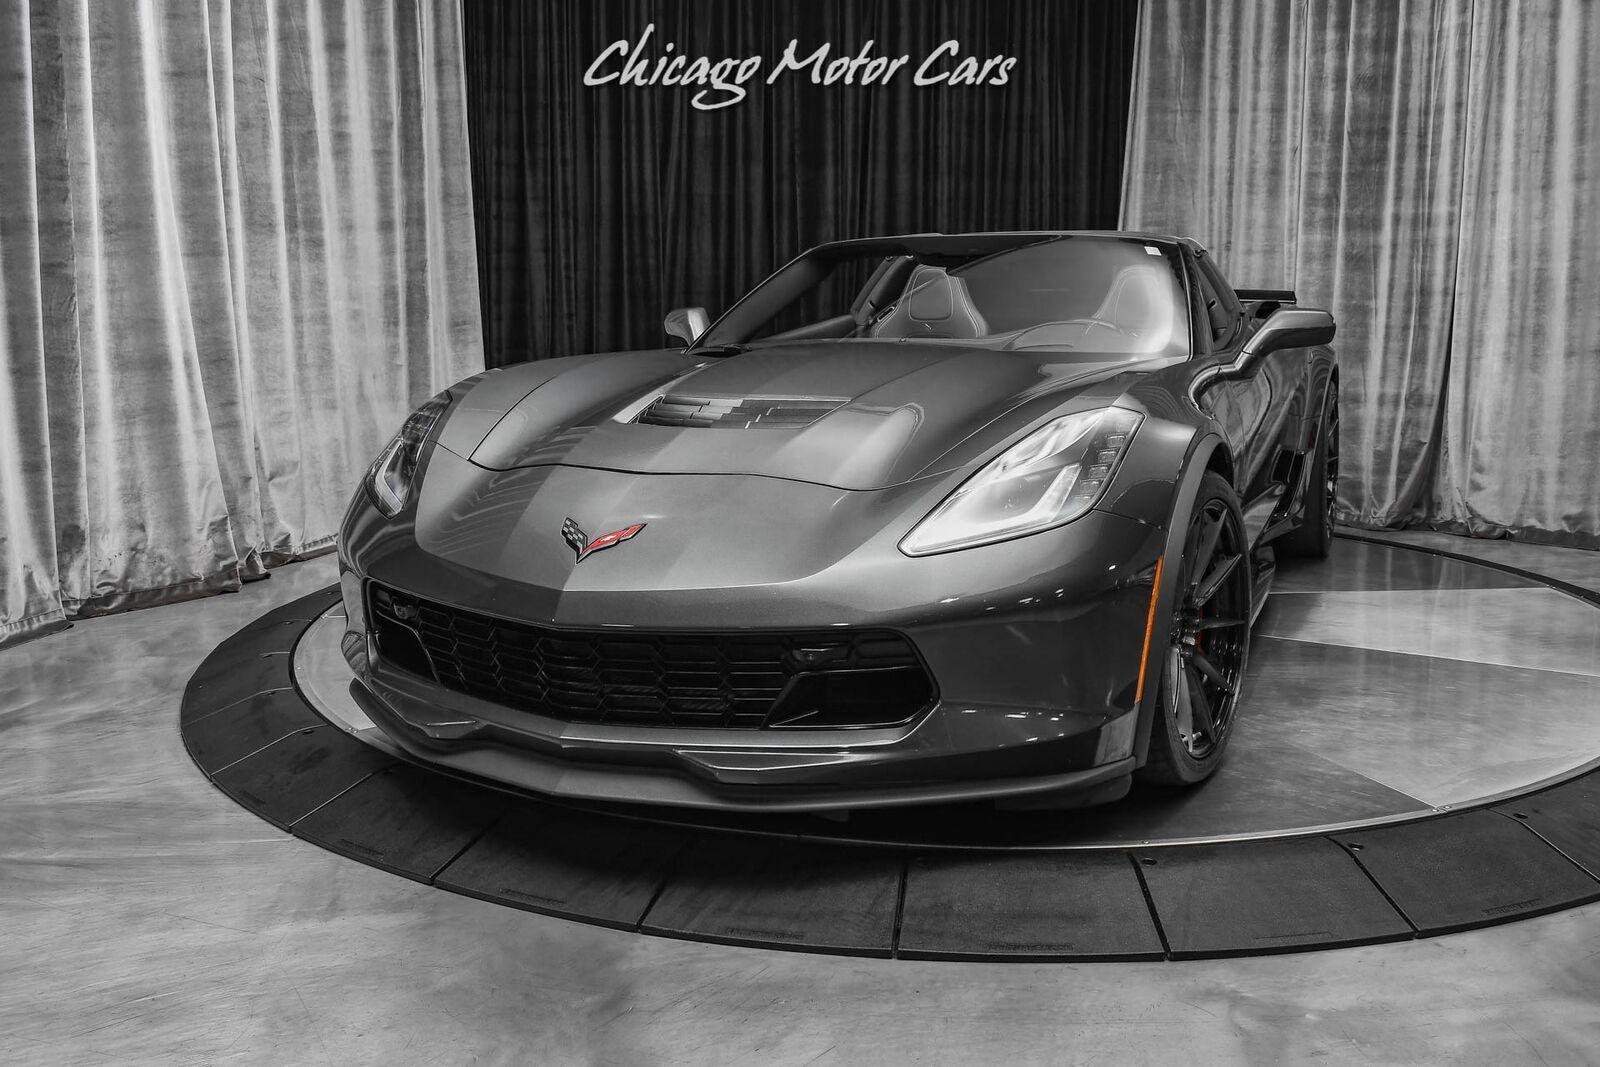 2017 Gray Chevrolet Corvette Grand Sport 2LT   C7 Corvette Photo 2